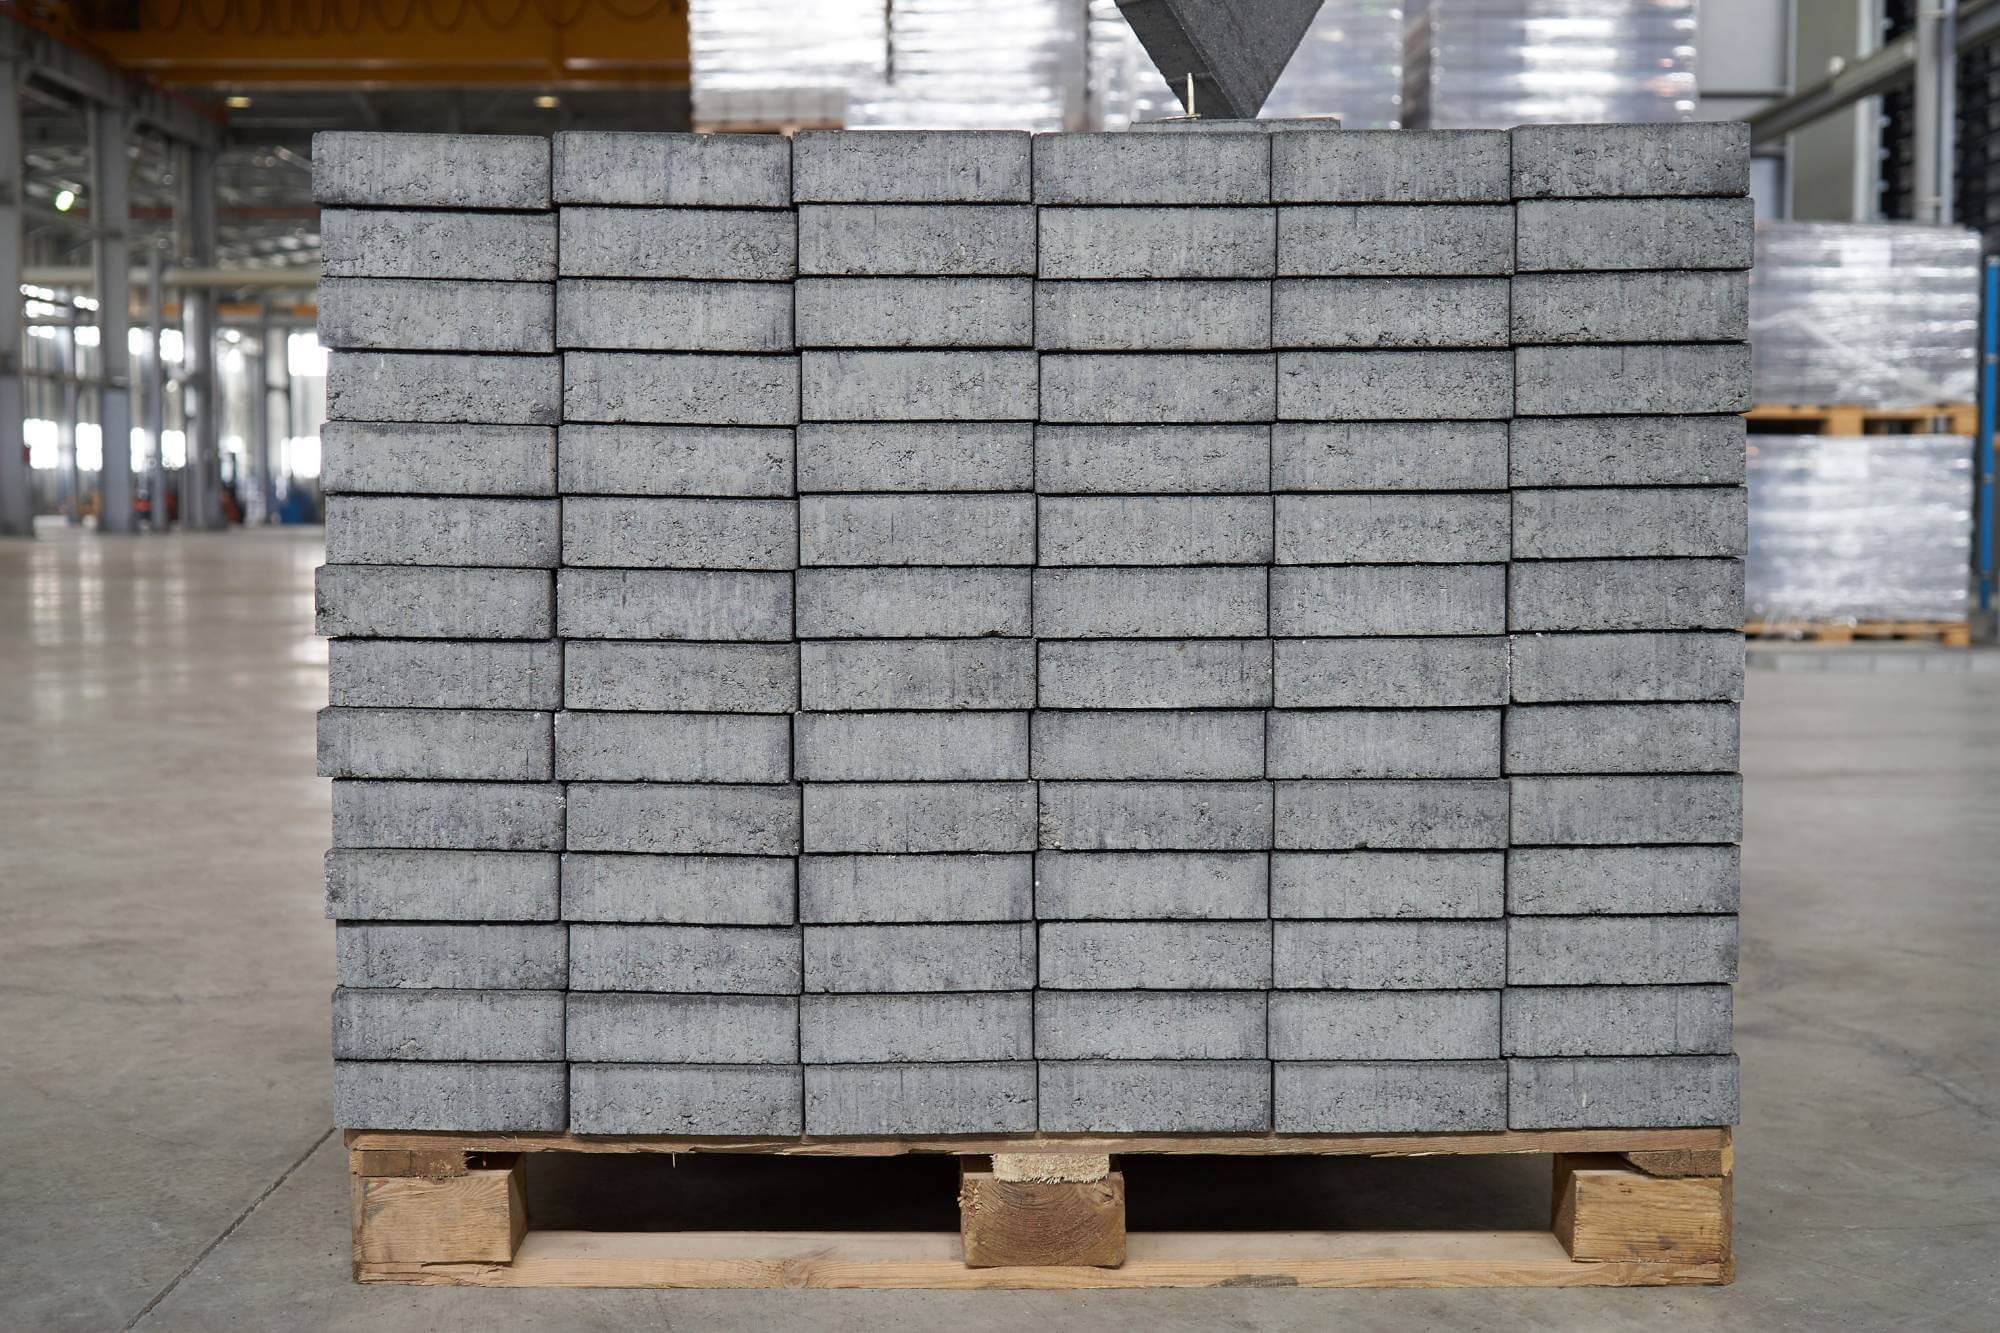 Entenda Como Aumentar a Produtividade da Sua Fábrica de Artefatos de Concreto Hoje!